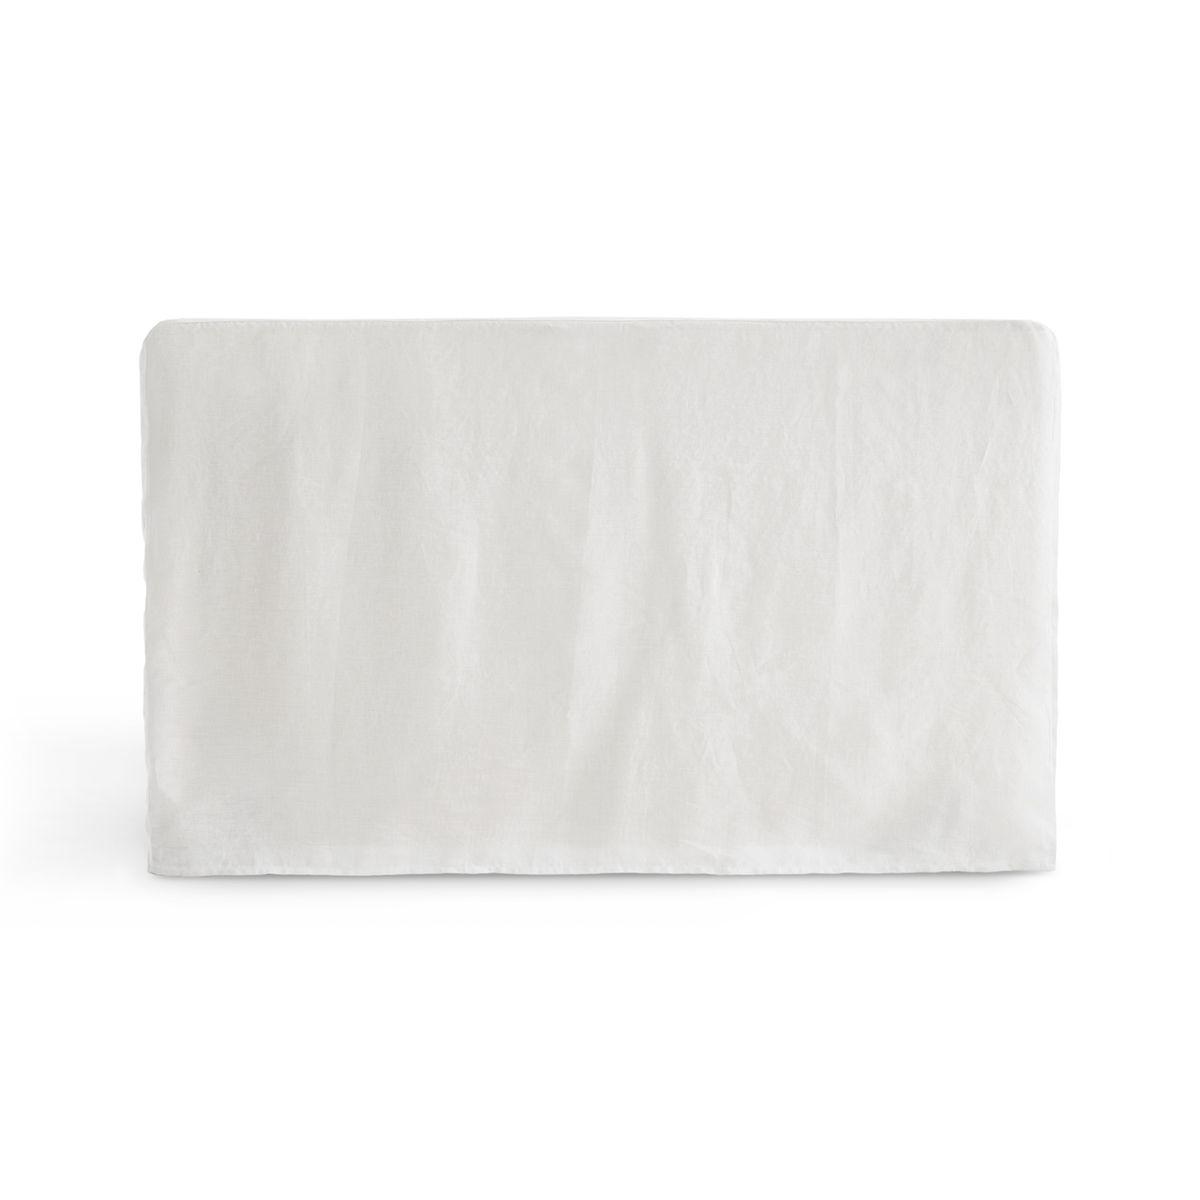 Housse pour tête de lit en lin lavé ABELLA